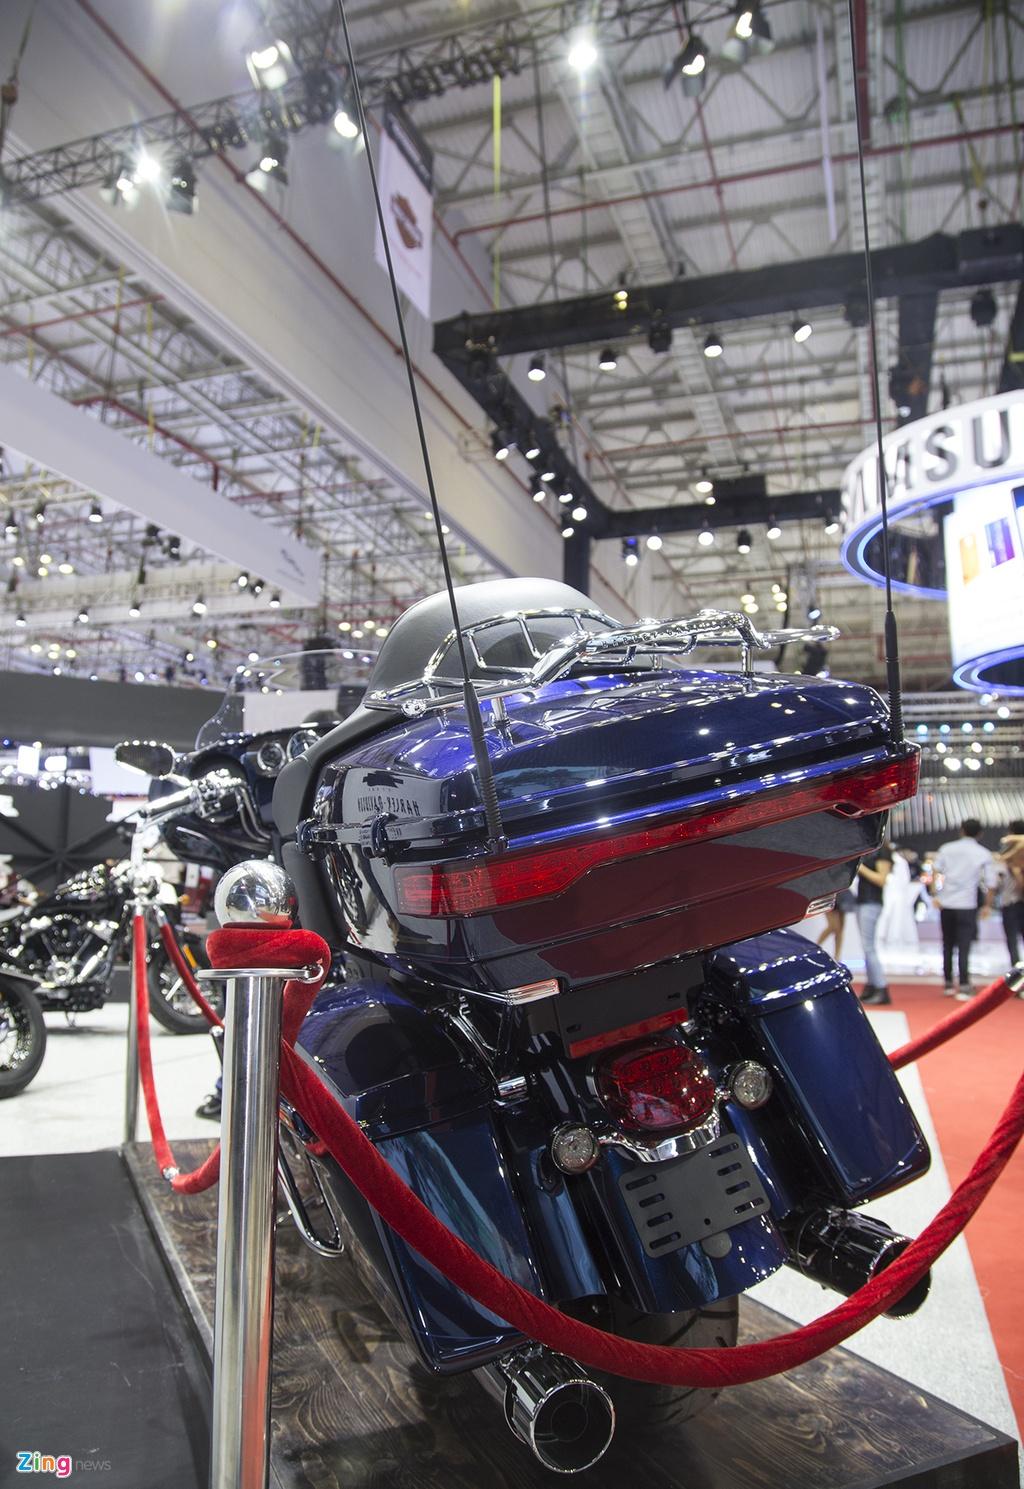 Harley-Davidson ban dac biet dat nhat Viet Nam gia 2,3 ty dong hinh anh 10